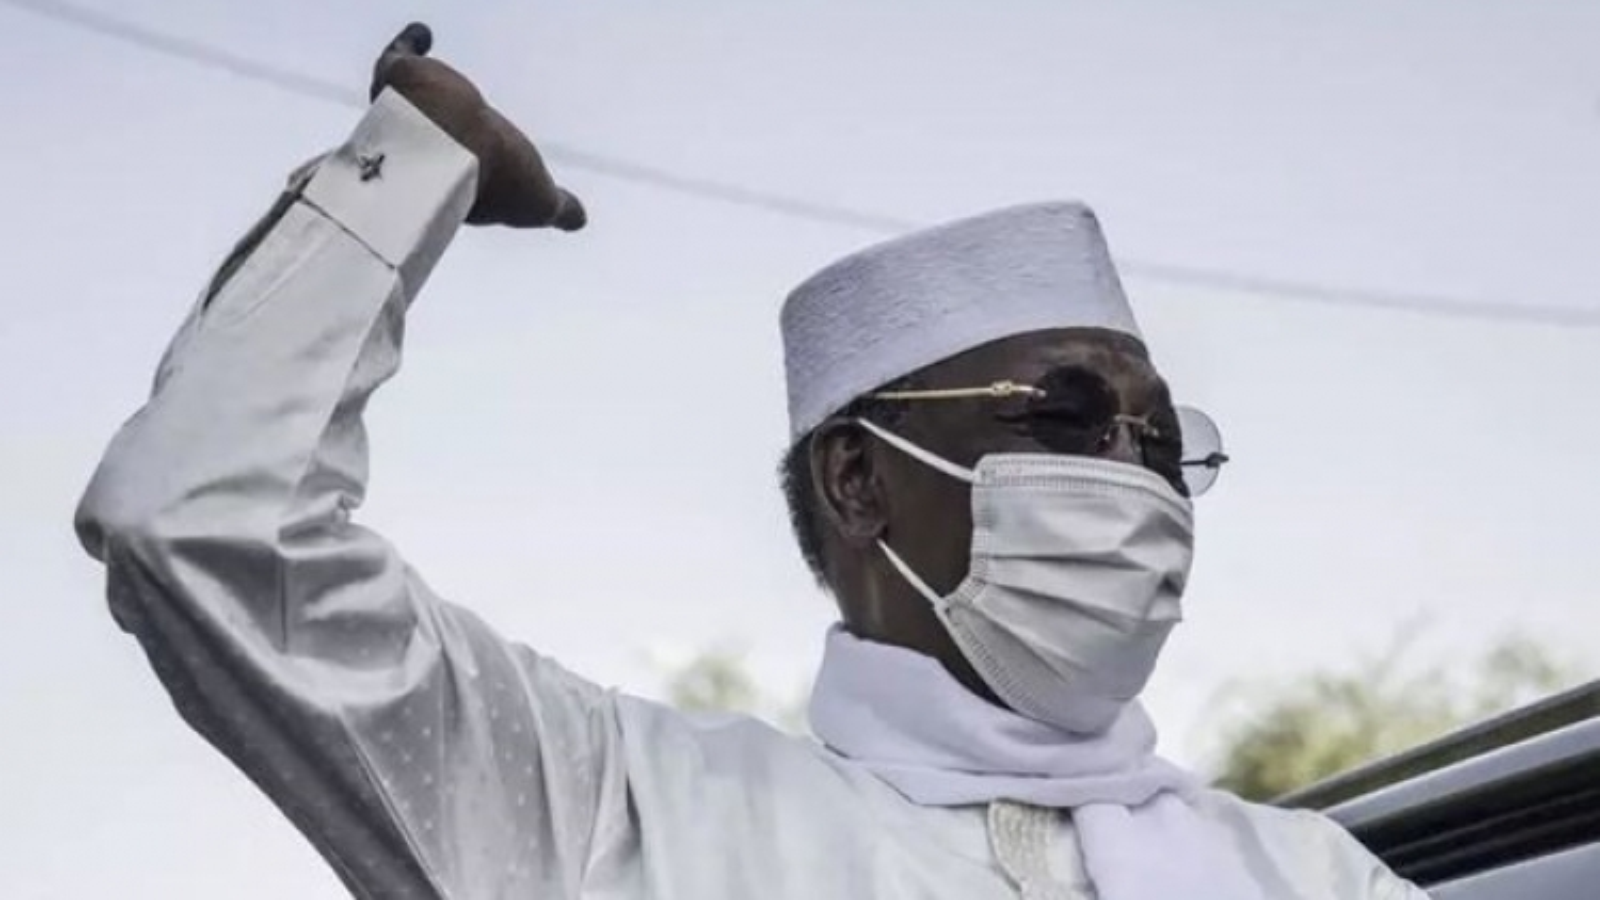 Mới tái đắc cử 1 ngày, Tổng thống Cộng hòa Chad đột ngột qua đời ở chiến trường